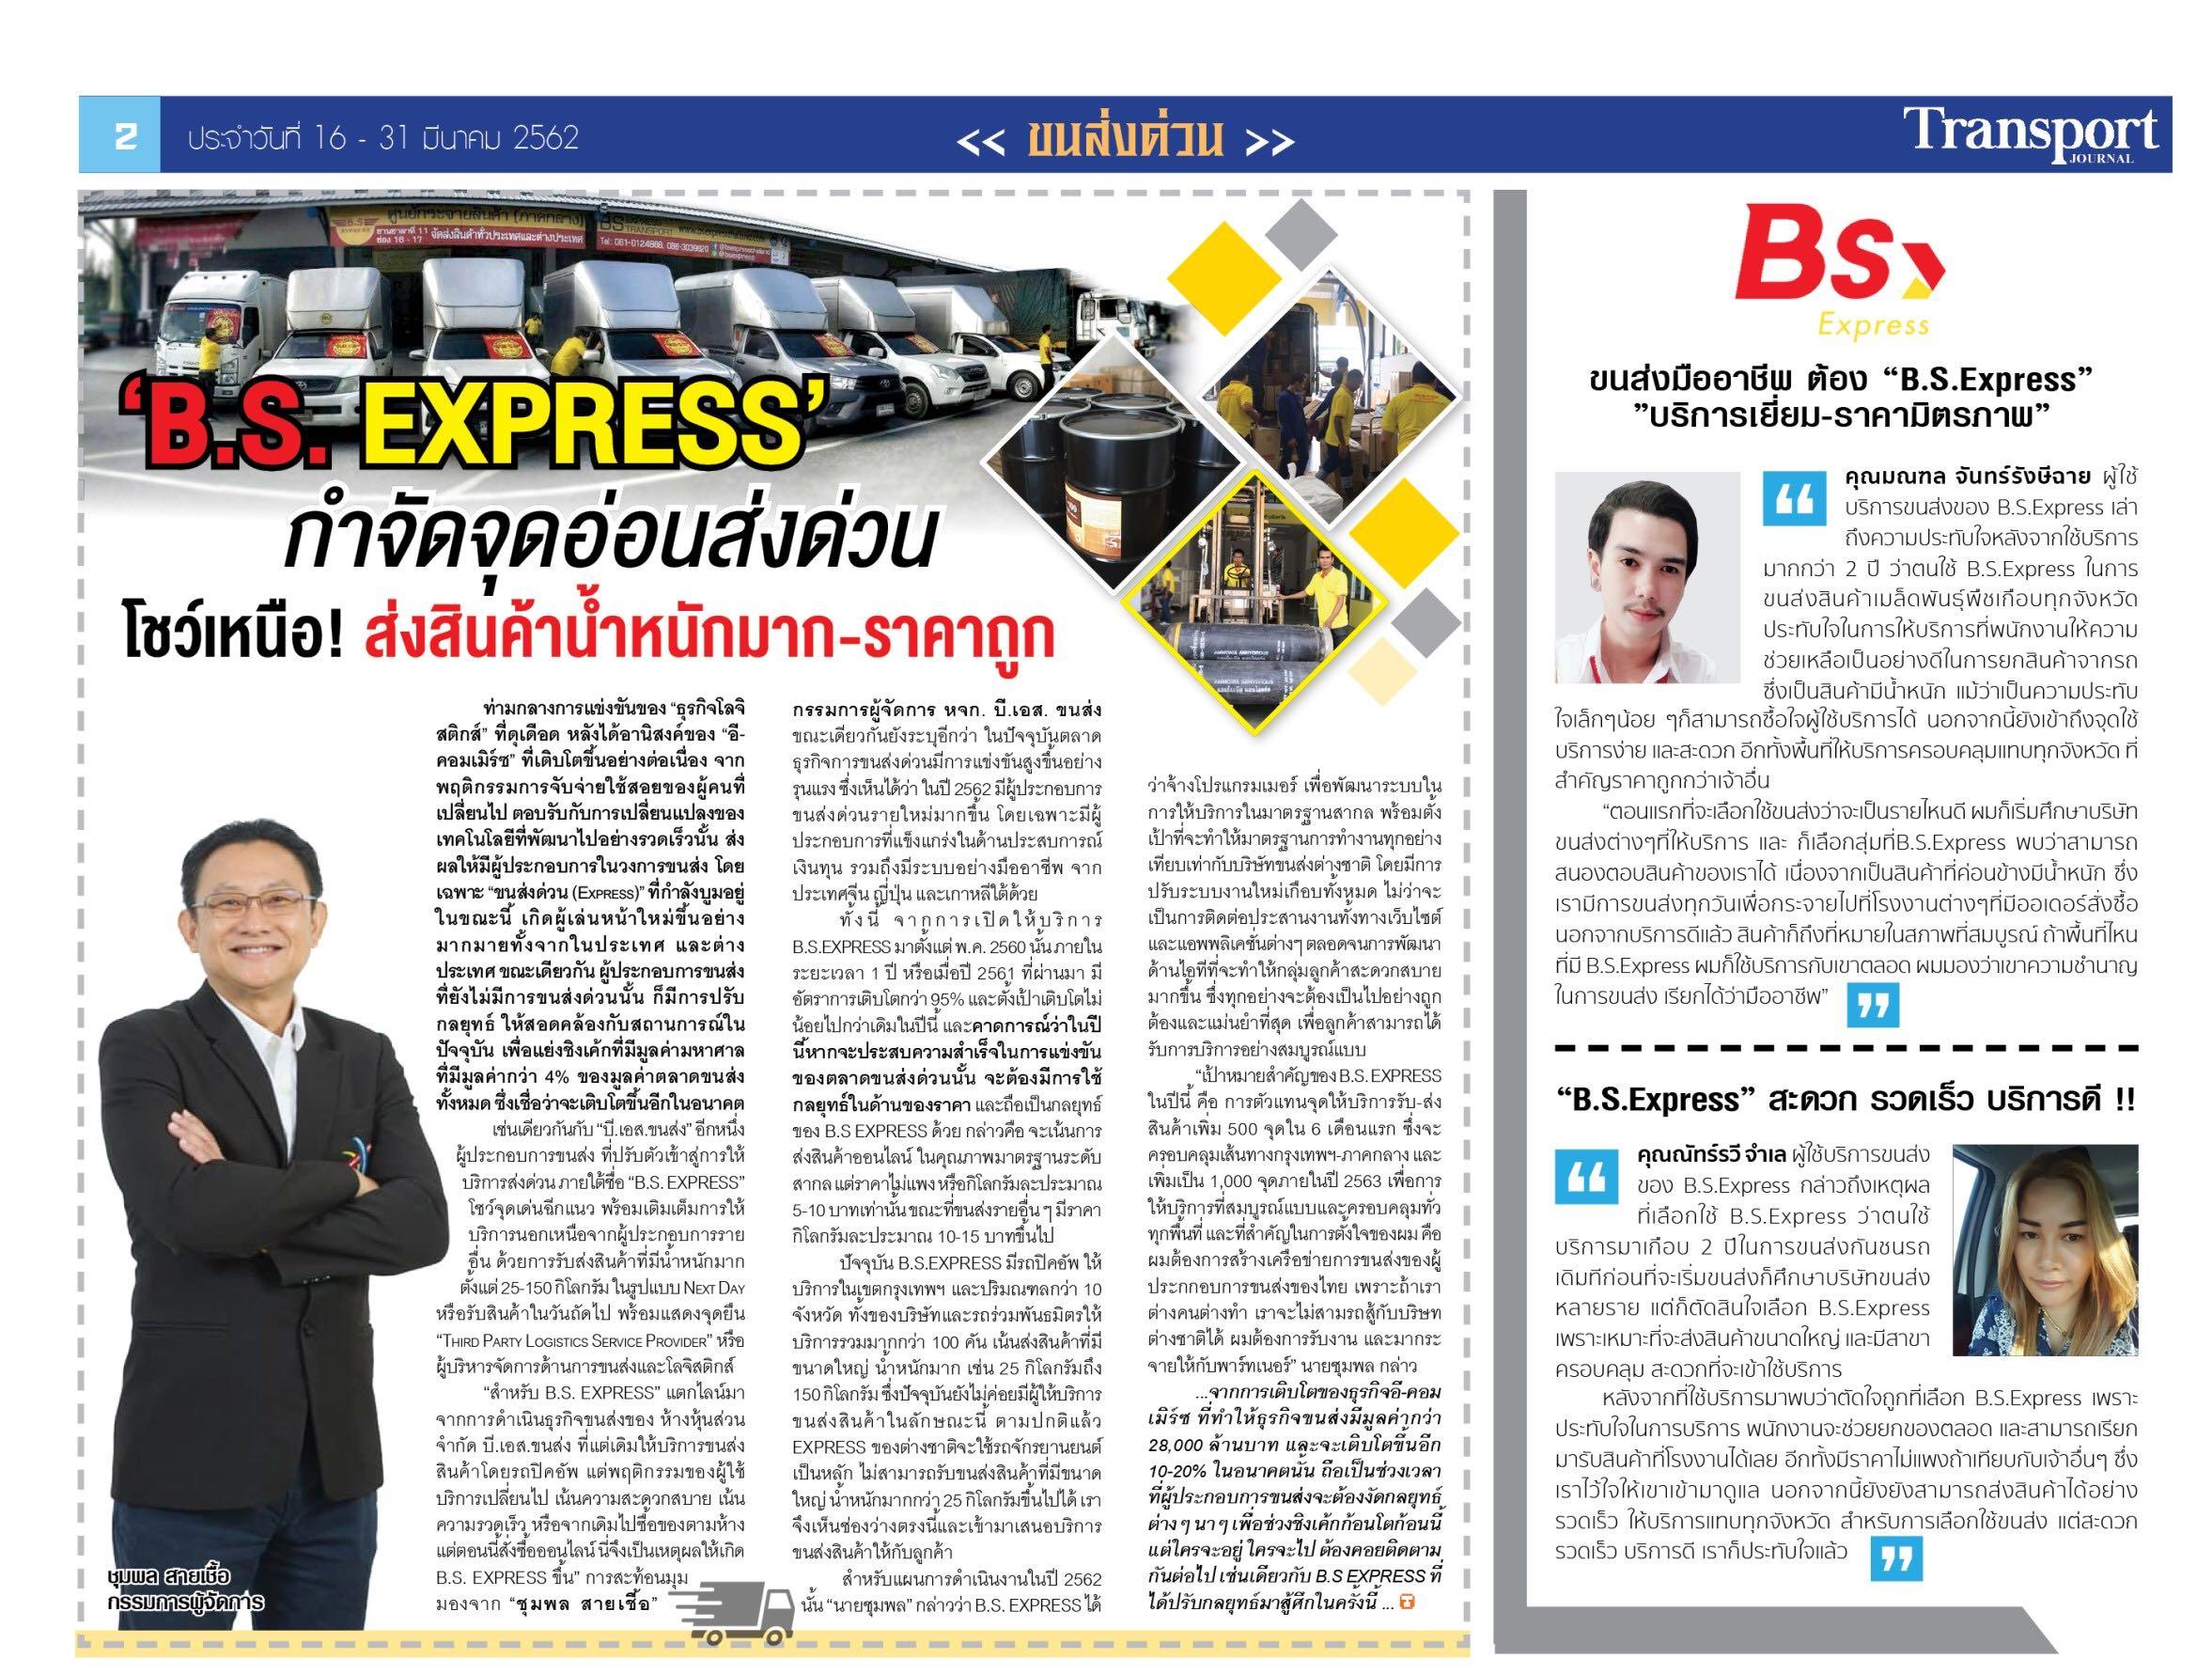 bsexpress_news